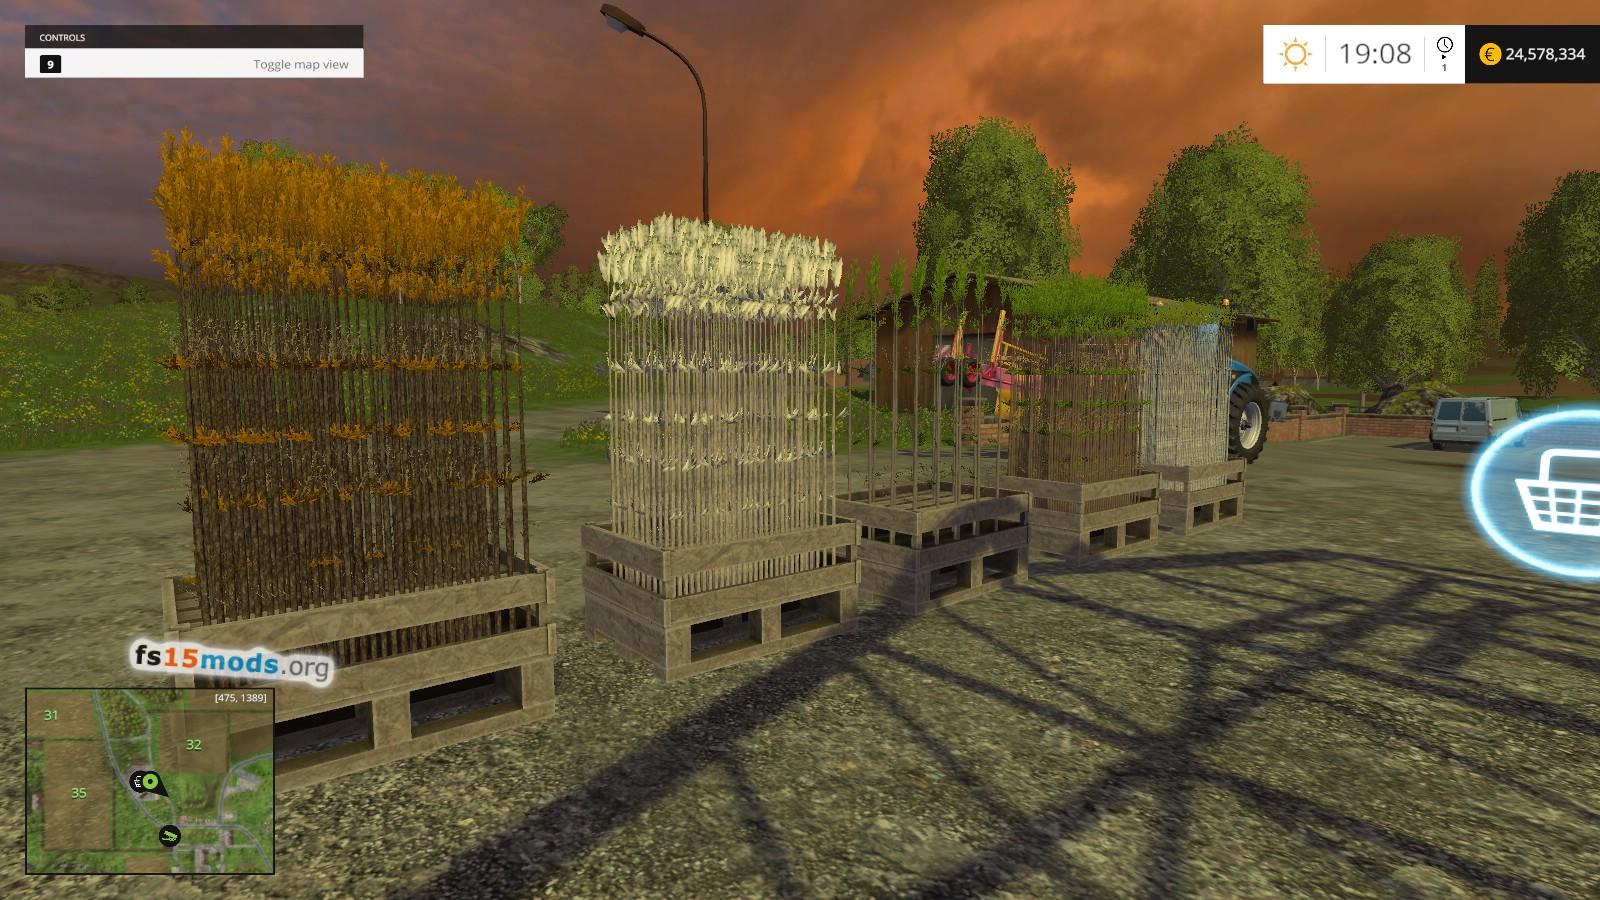 Big Seedling Pack Mod 1 4 More Trees Fs15 Mods